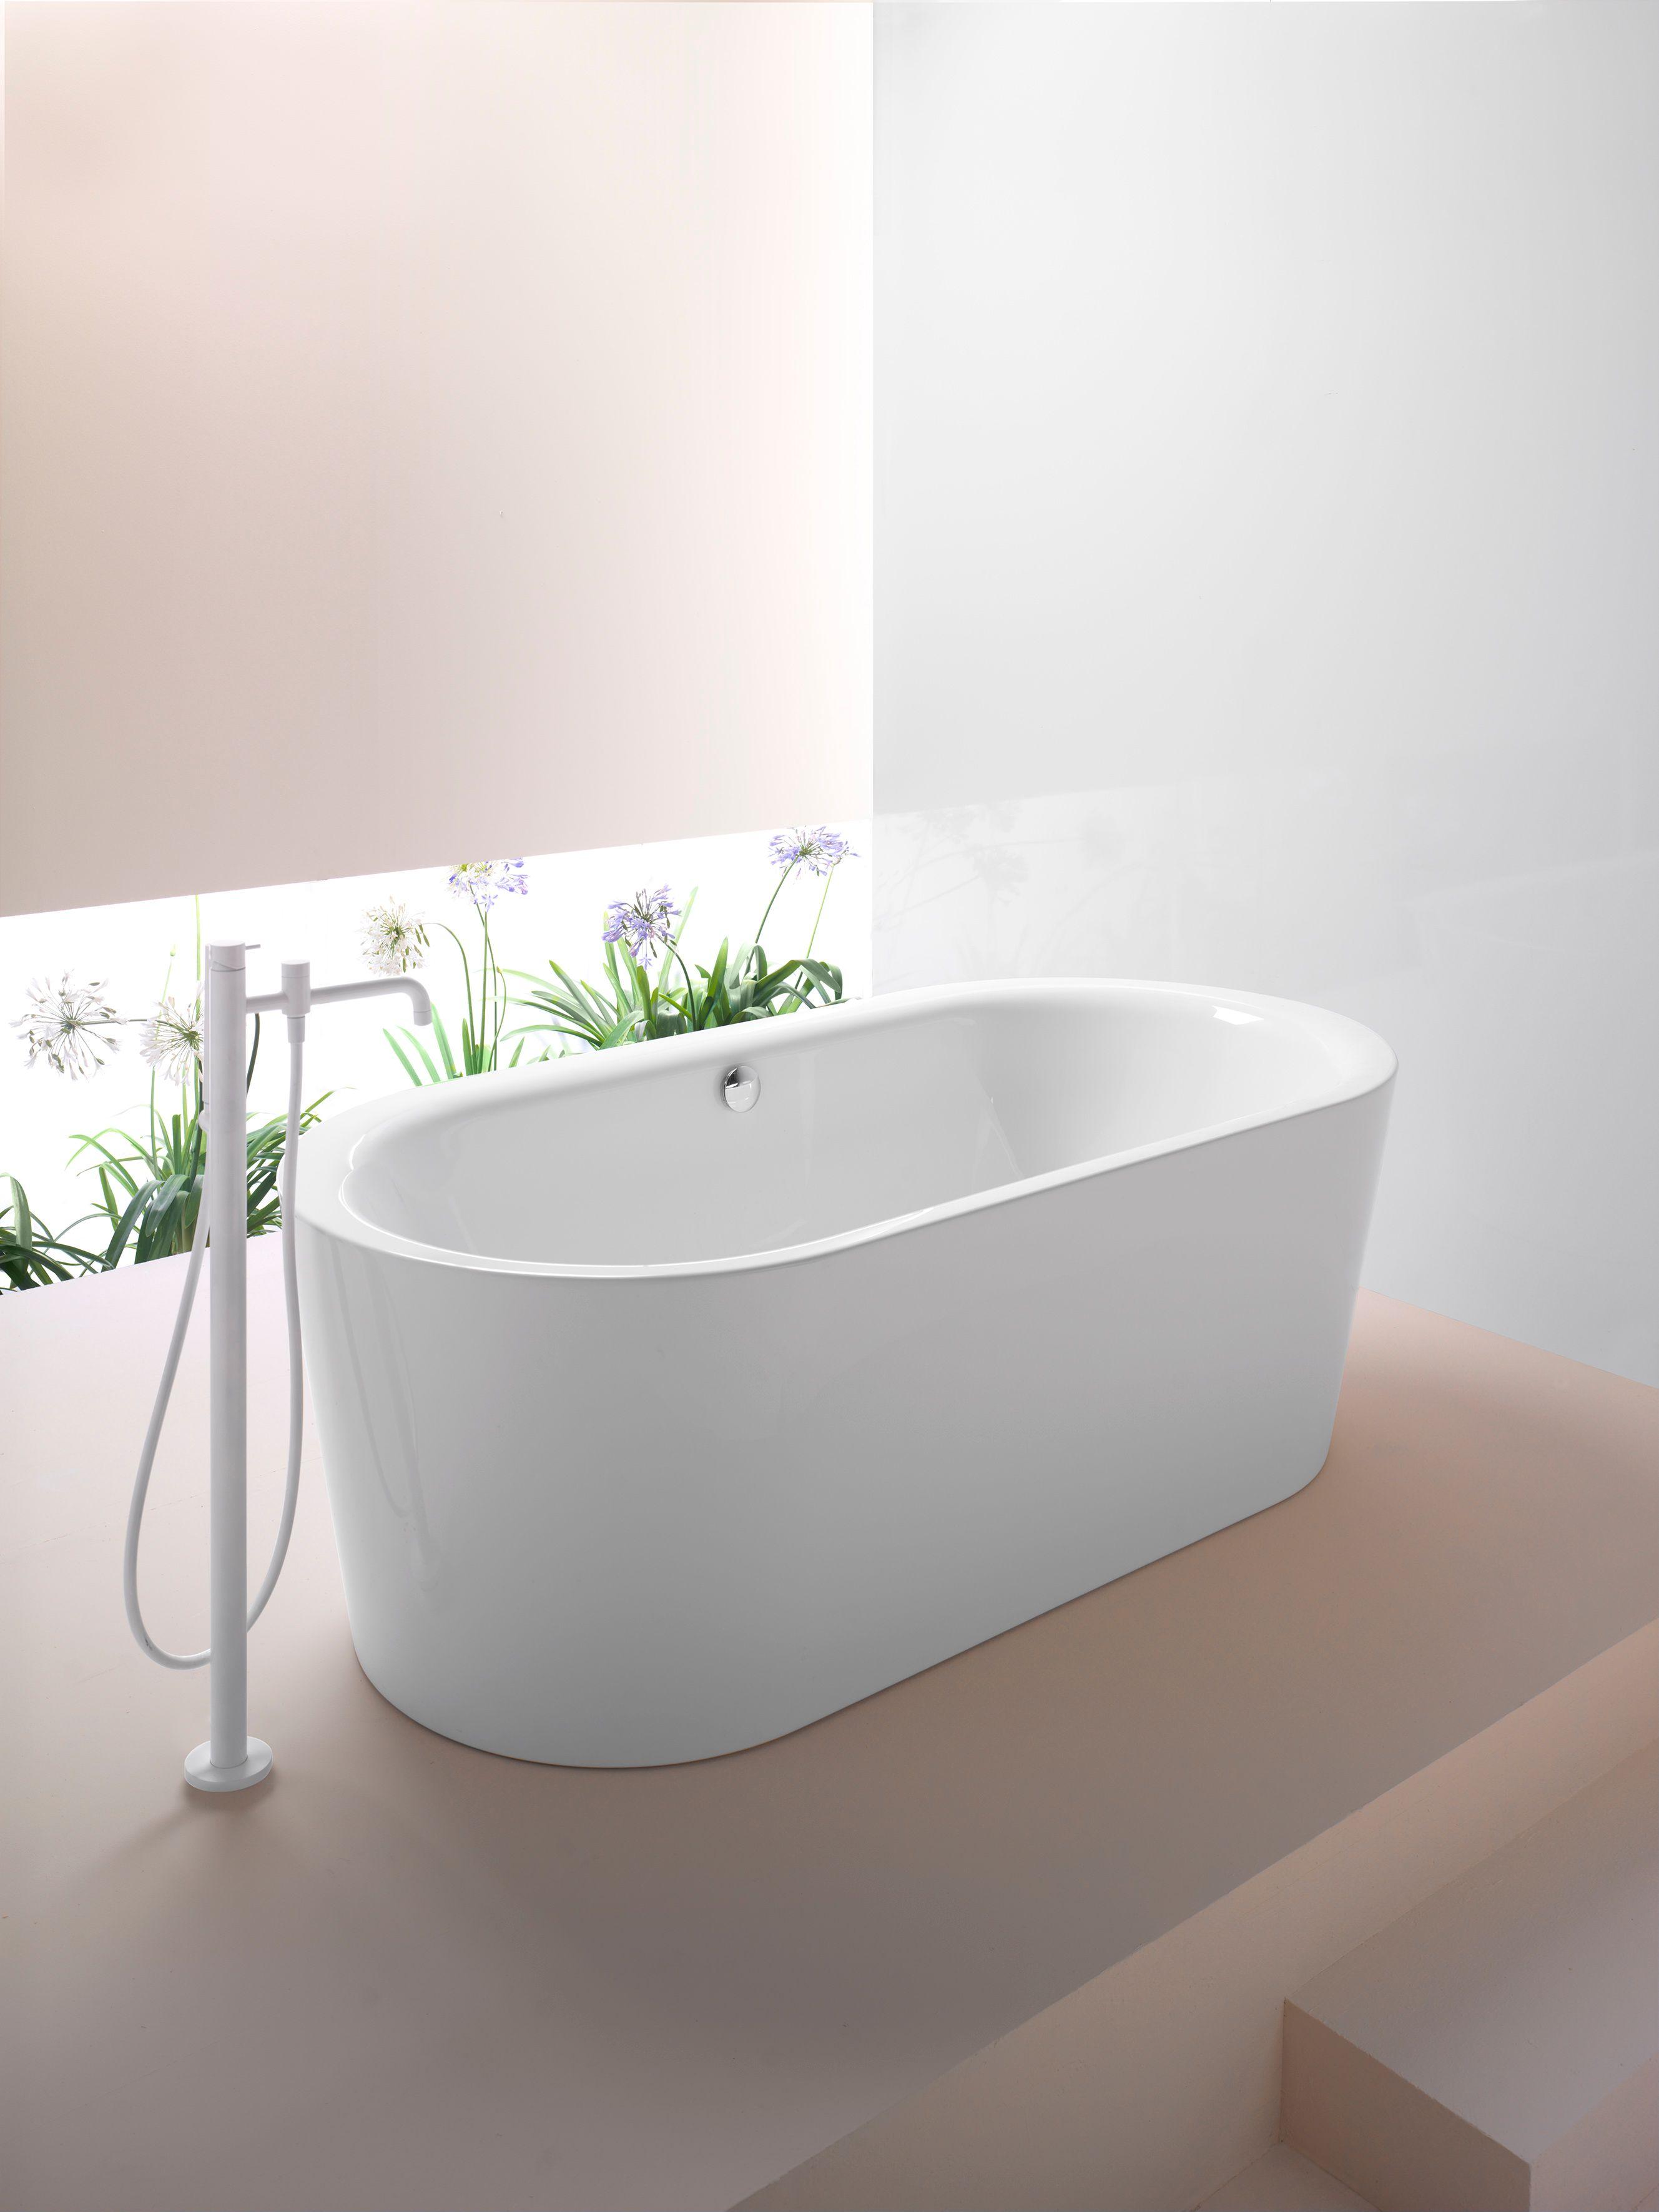 Sand 185 vasca da bagno collezione sand by gsi ceramica - Vasca da bagno ceramica ...